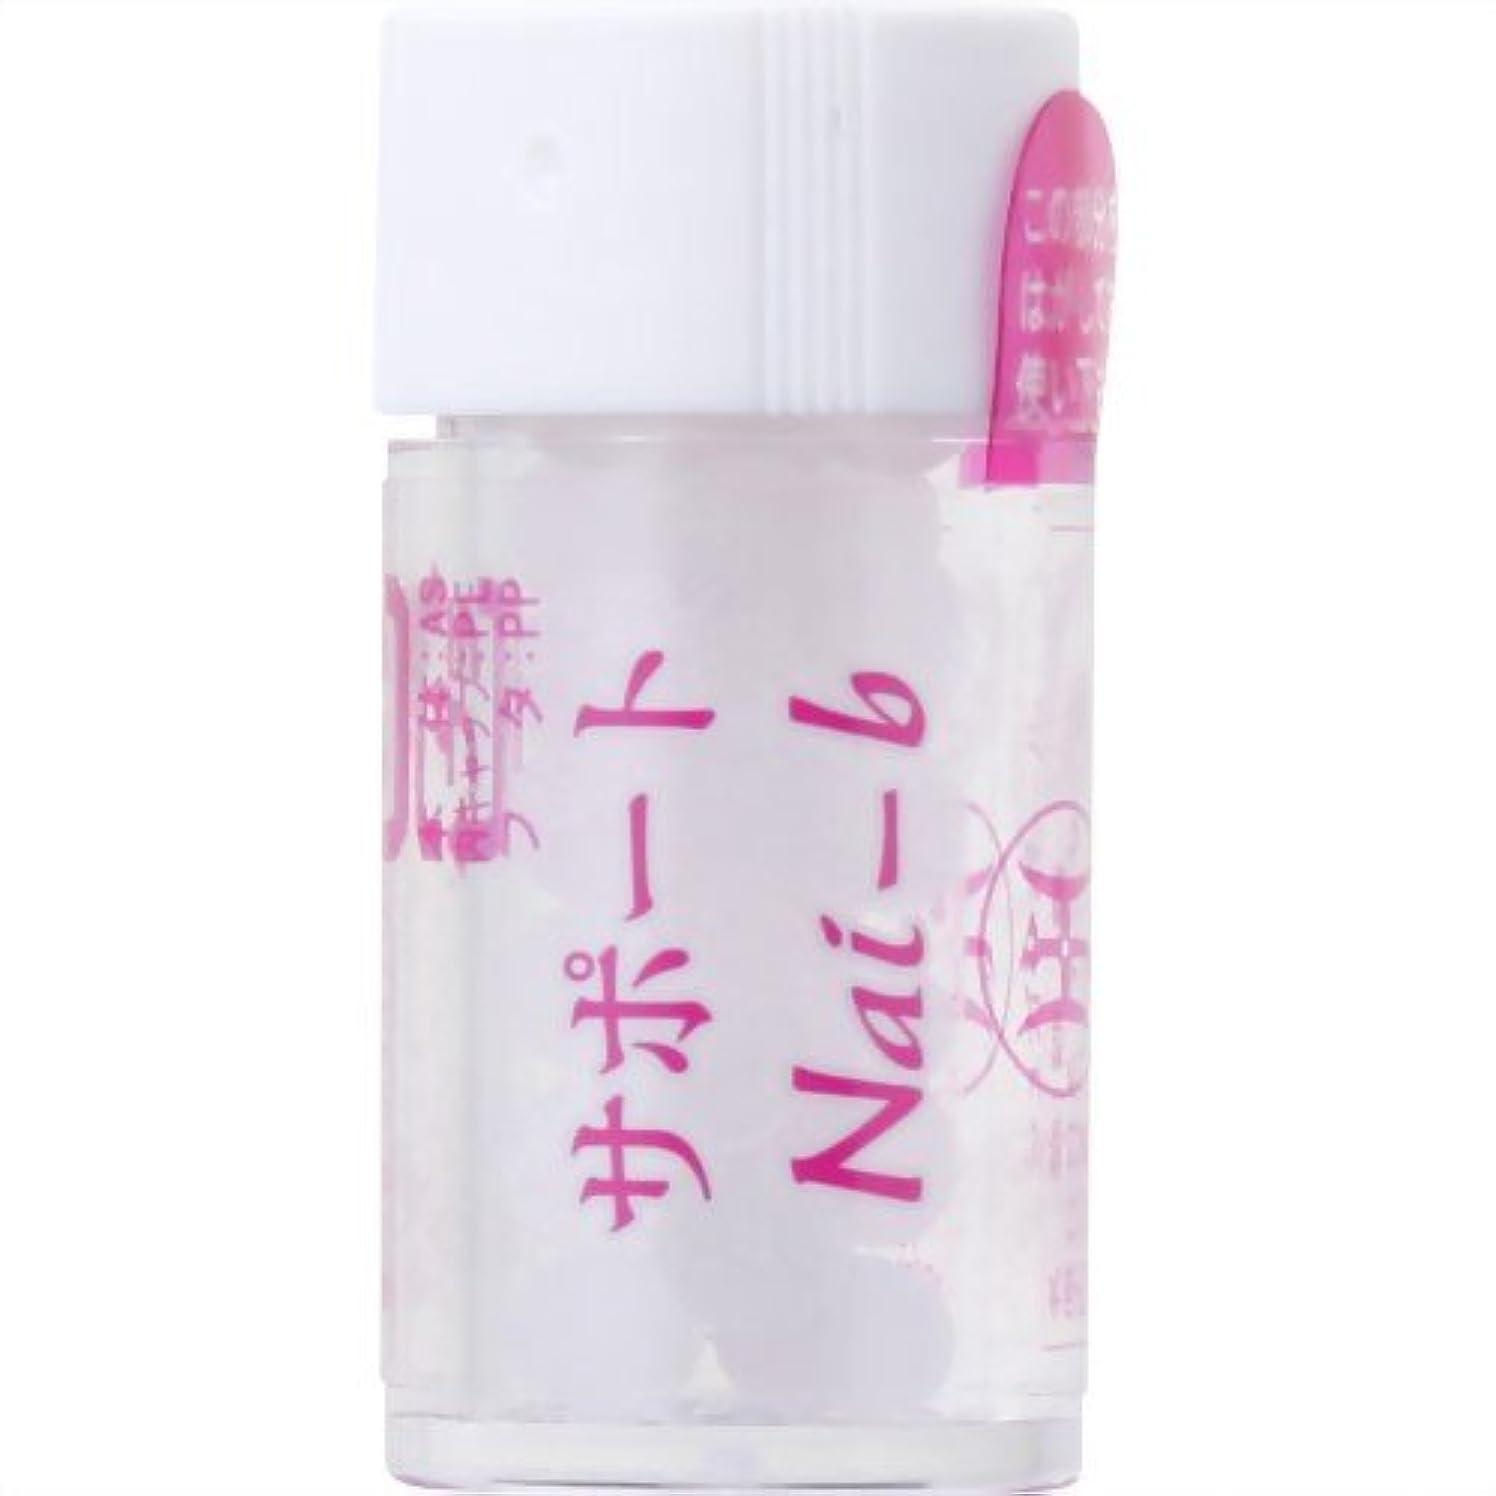 奇跡的な防ぐ寛大さホメオパシージャパンレメディー サポートNai-b(小ビン)